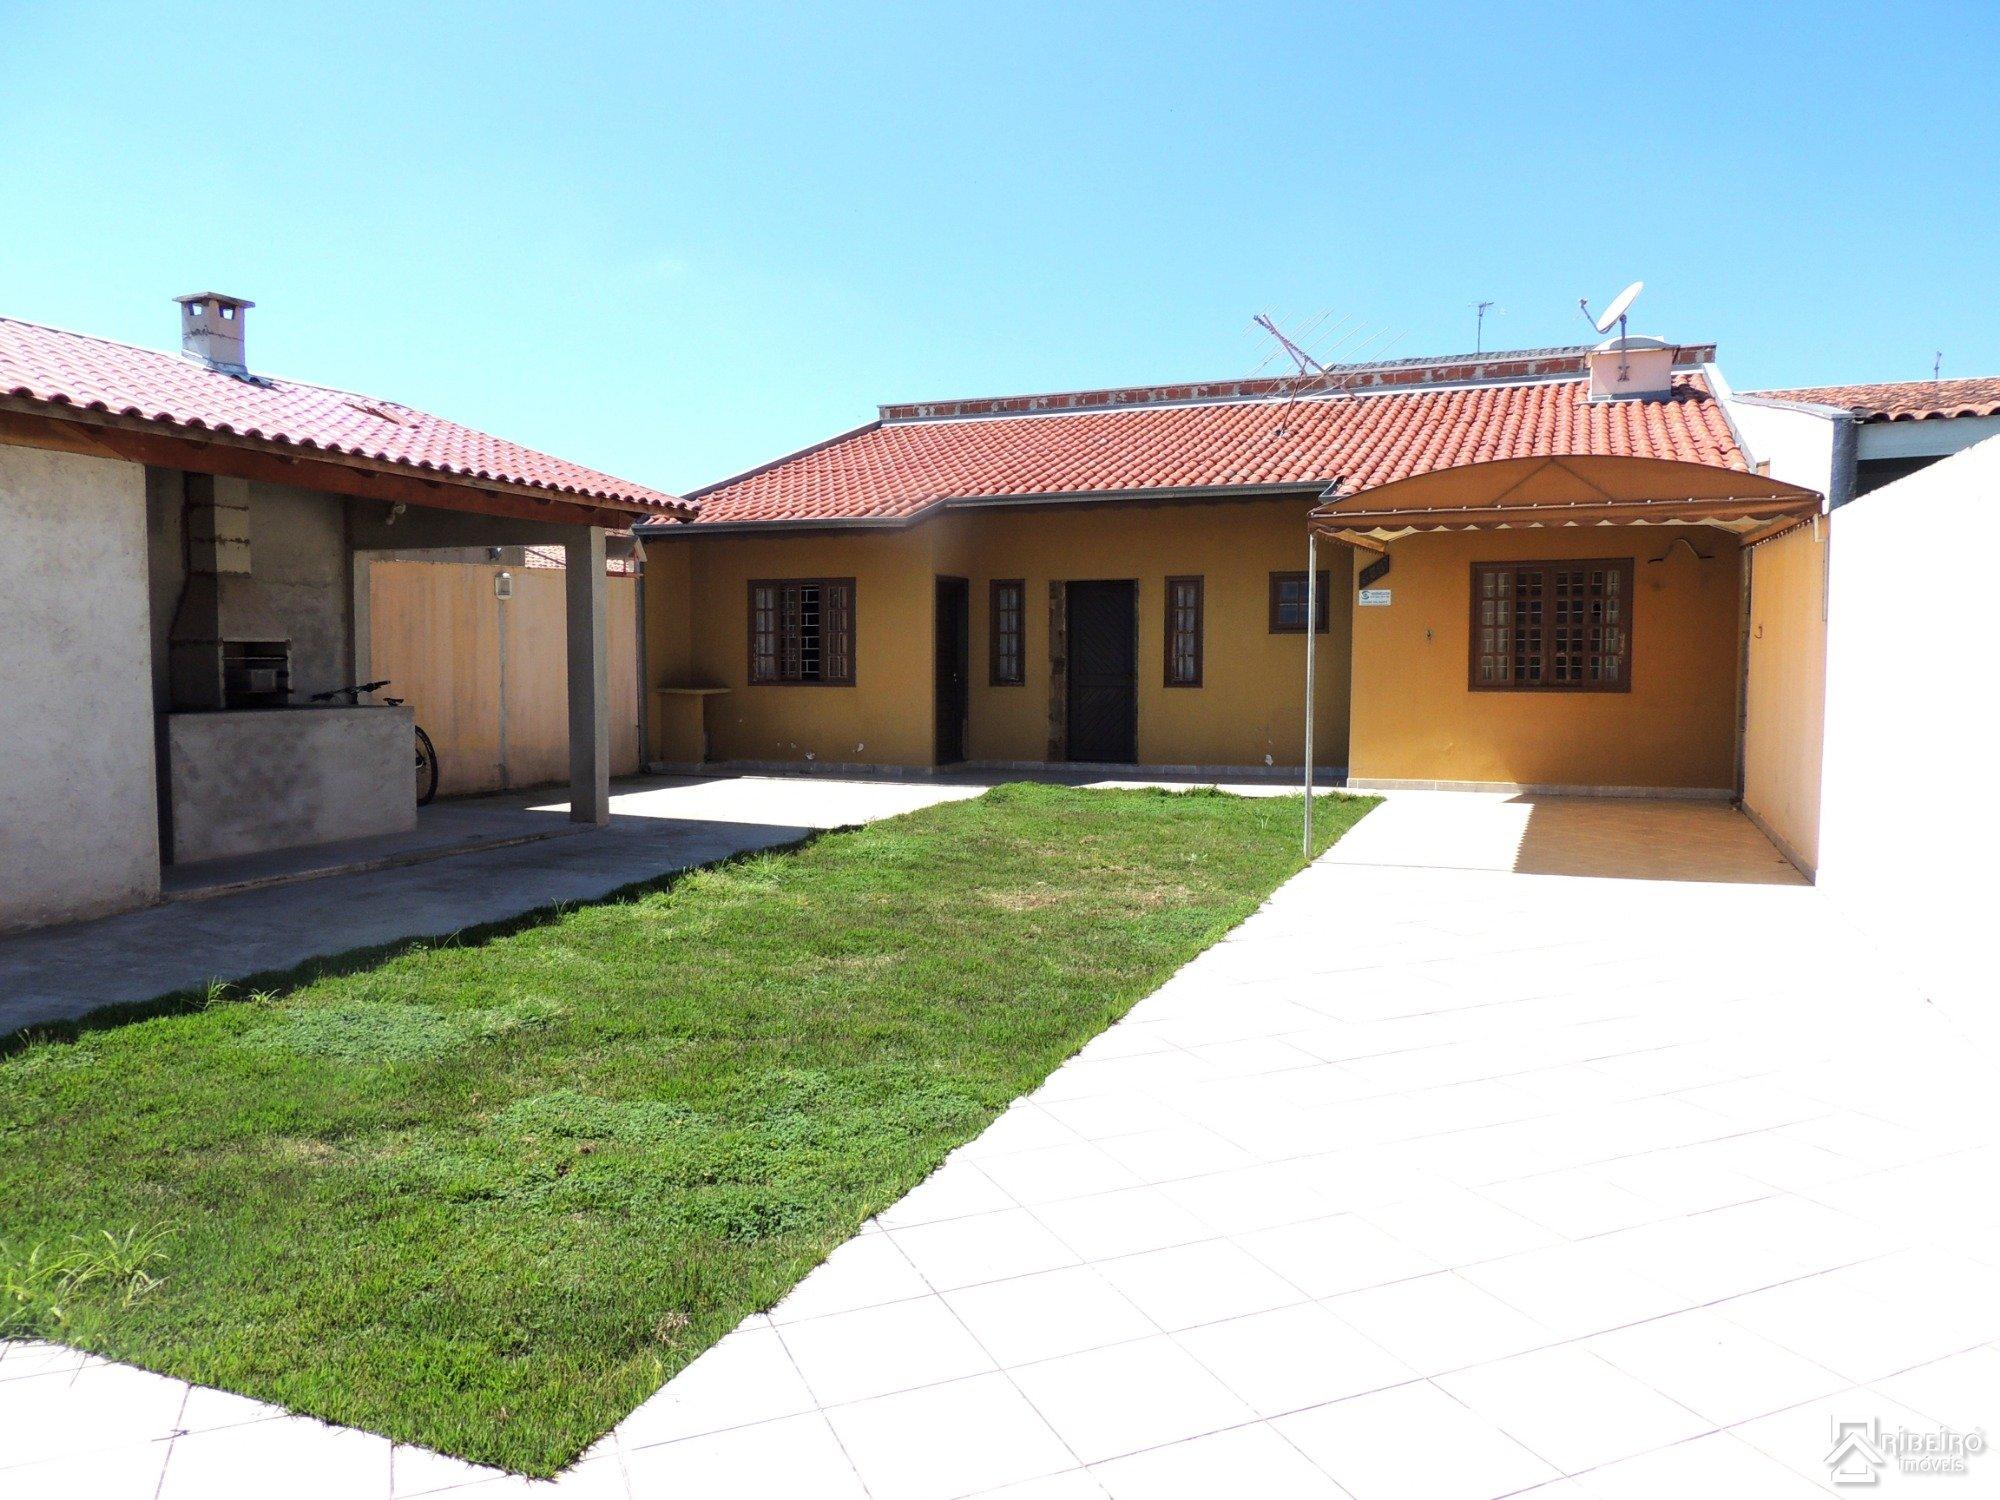 REF. 7701 -  São José Dos Pinhais - Rua Gralha-azul, 335